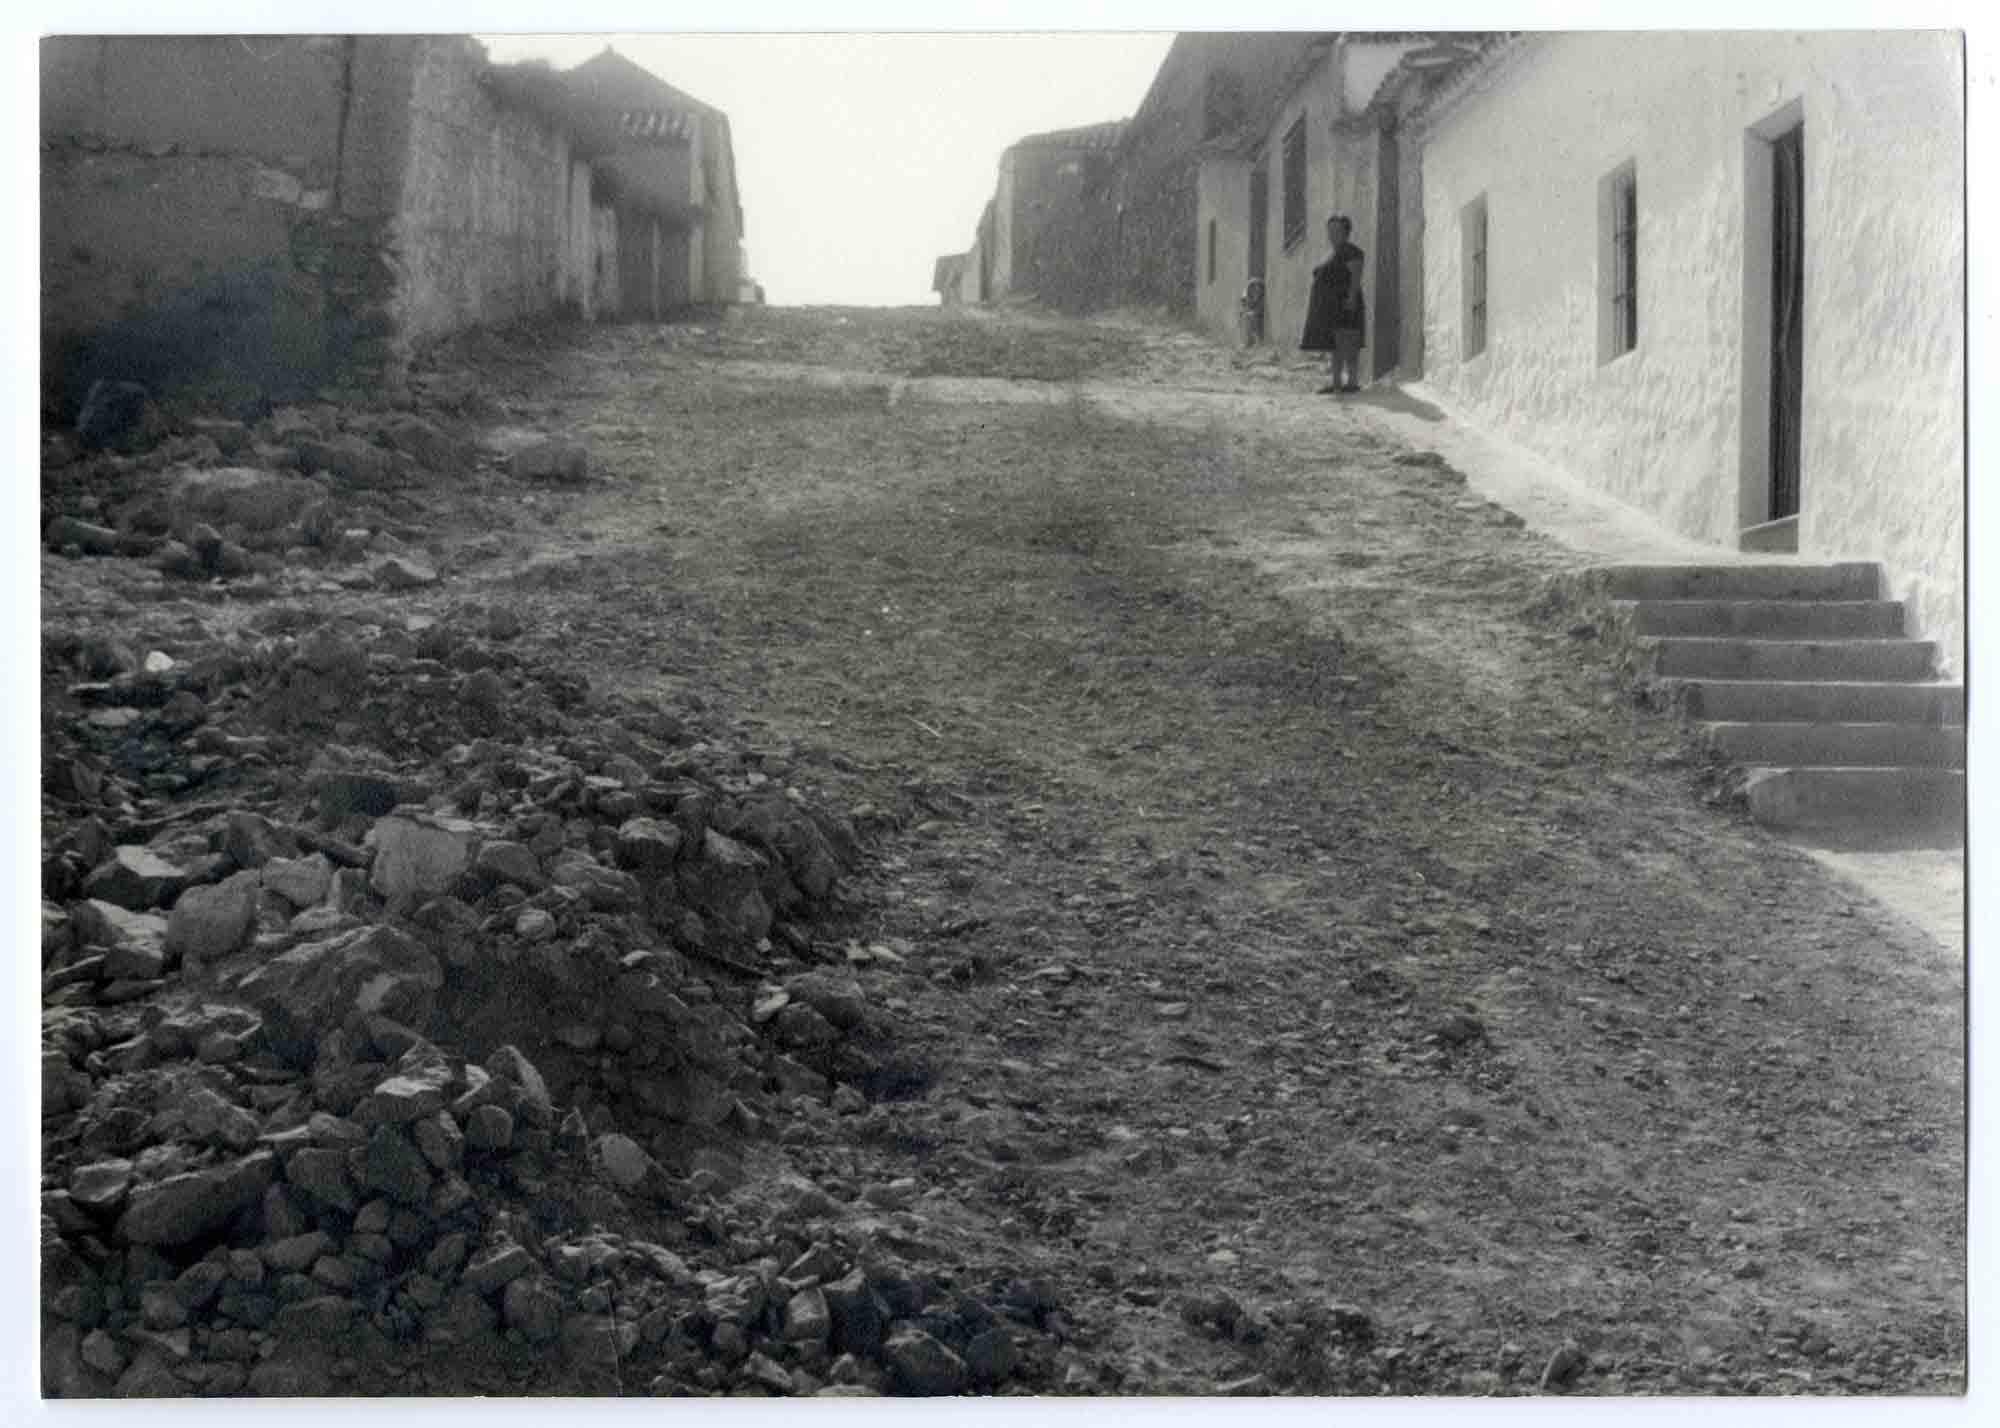 Urda. Calle Colmenares. Hacia 1970 (P-1432)